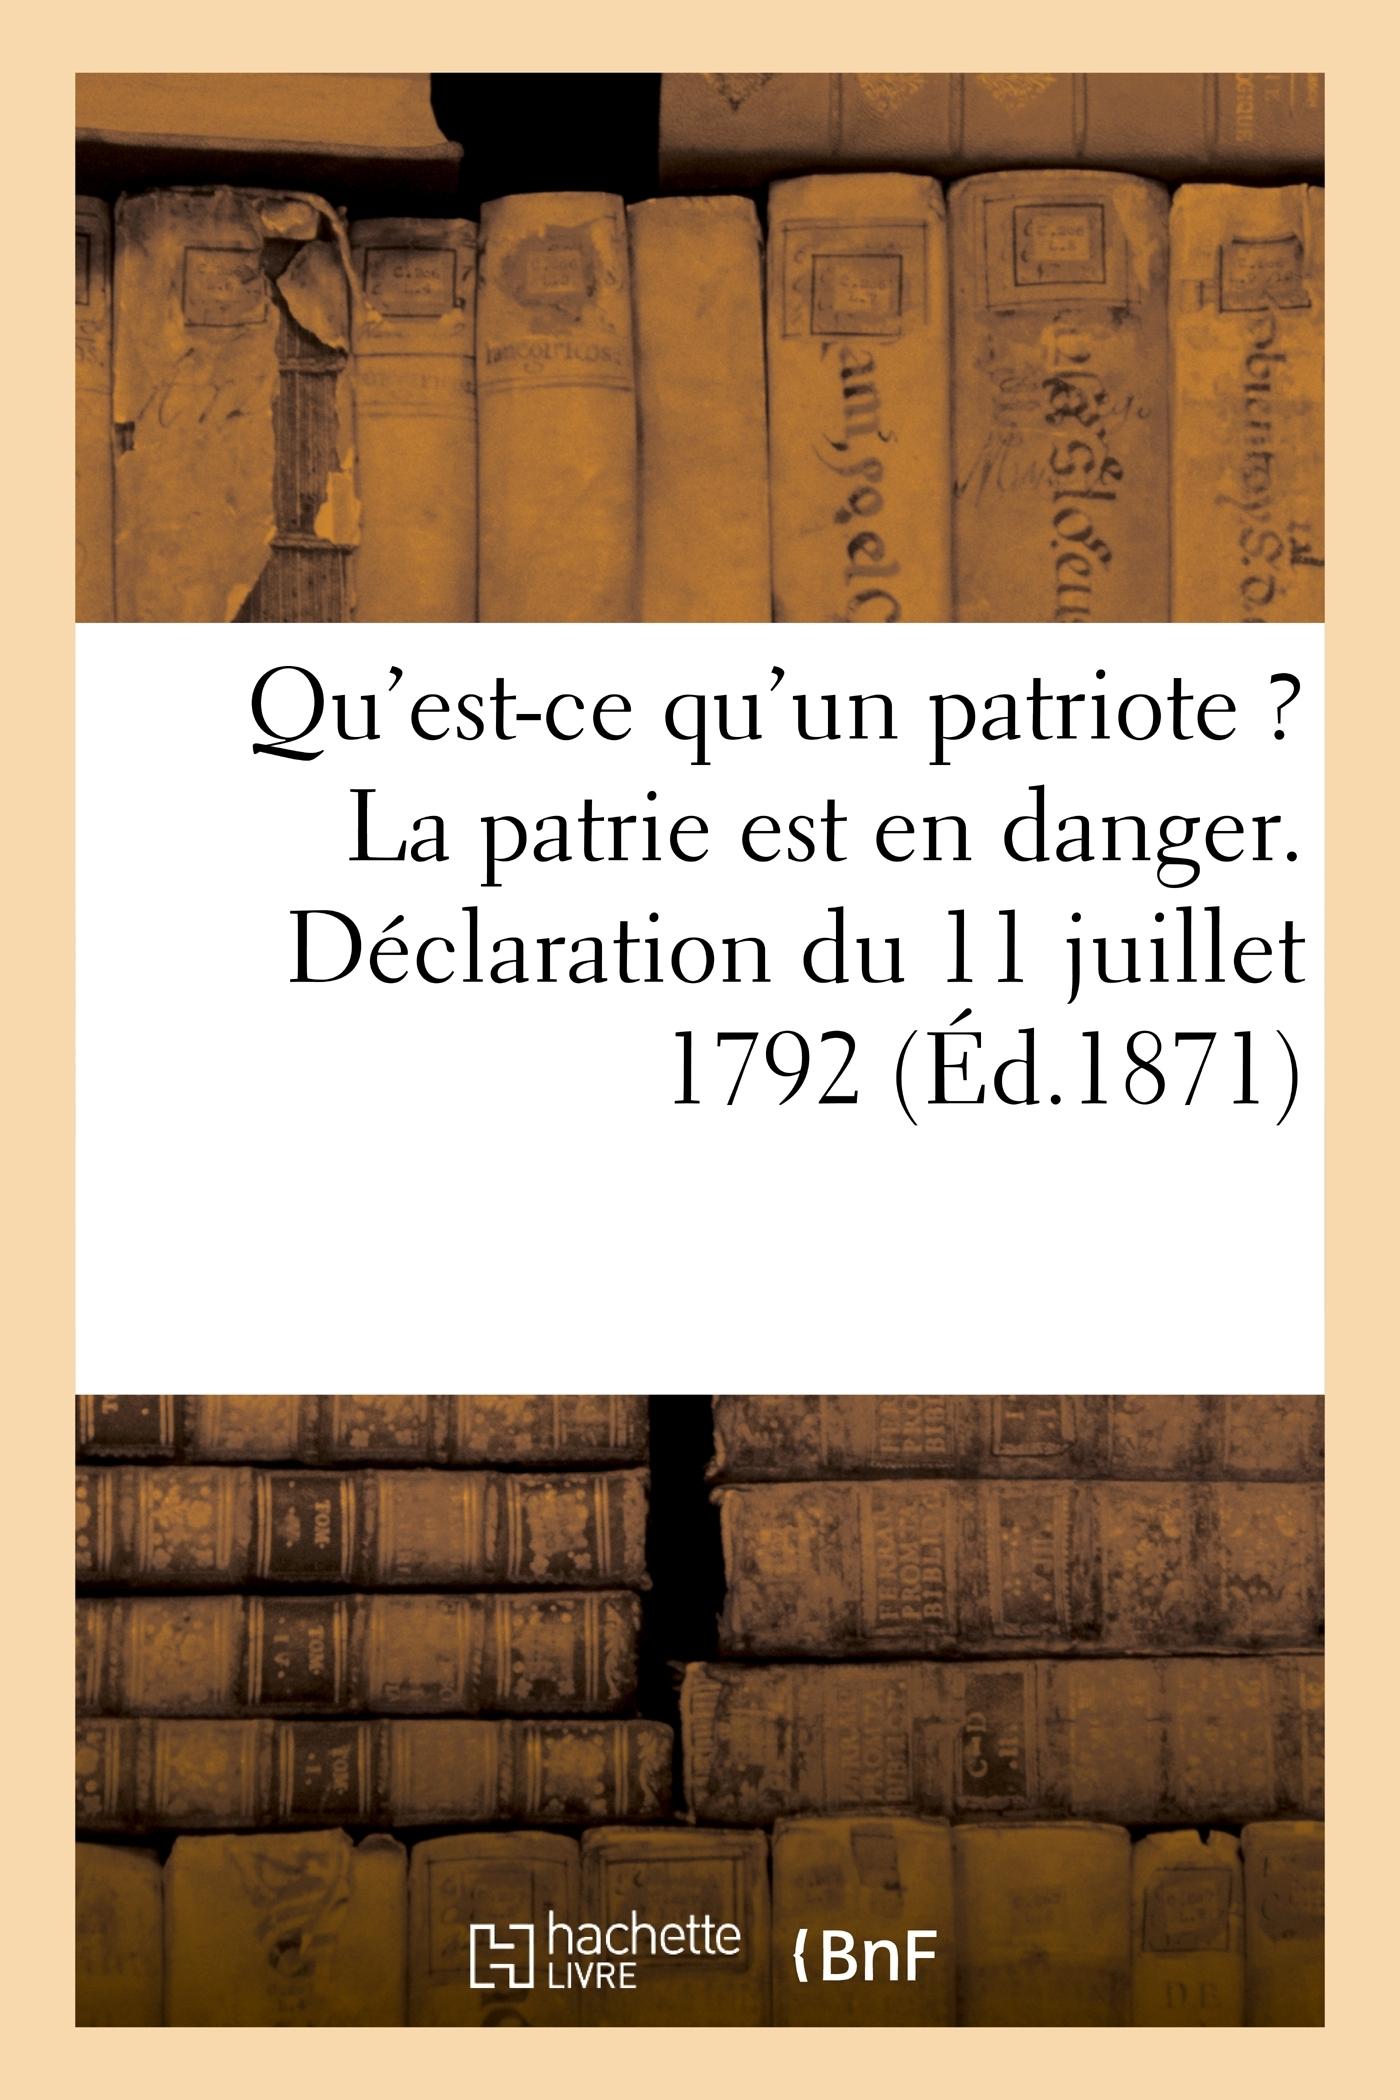 QU'EST-CE QU'UN PATRIOTE ? LA PATRIE EST EN DANGER. DECLARATION DU 11 JUILLET 1792